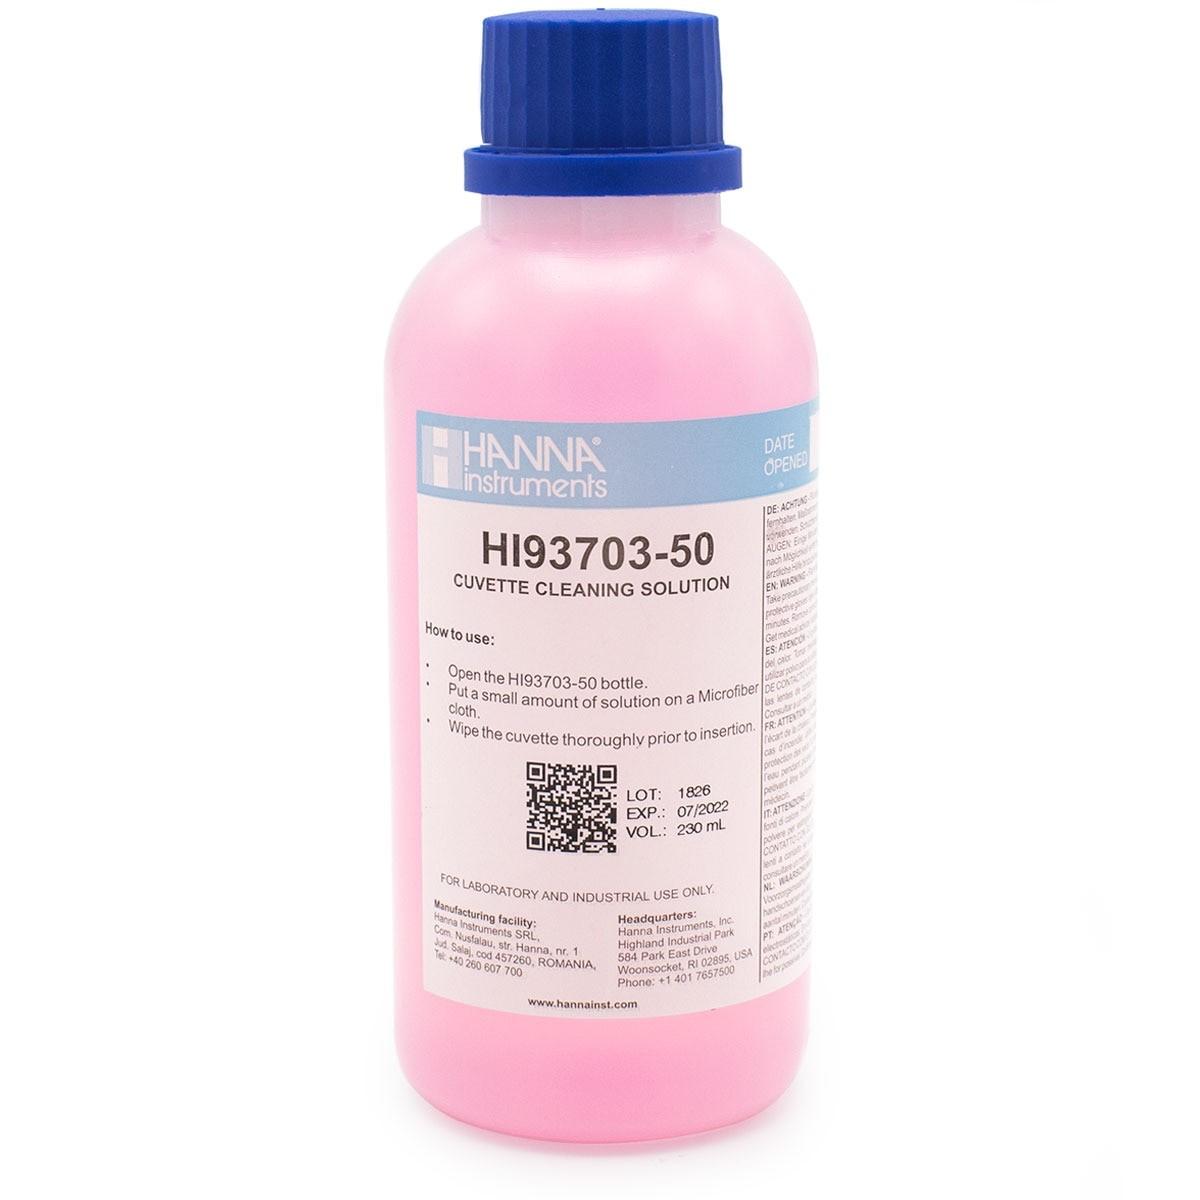 Solución de Limpieza de Cubetas (230 mL) - HI93703-50